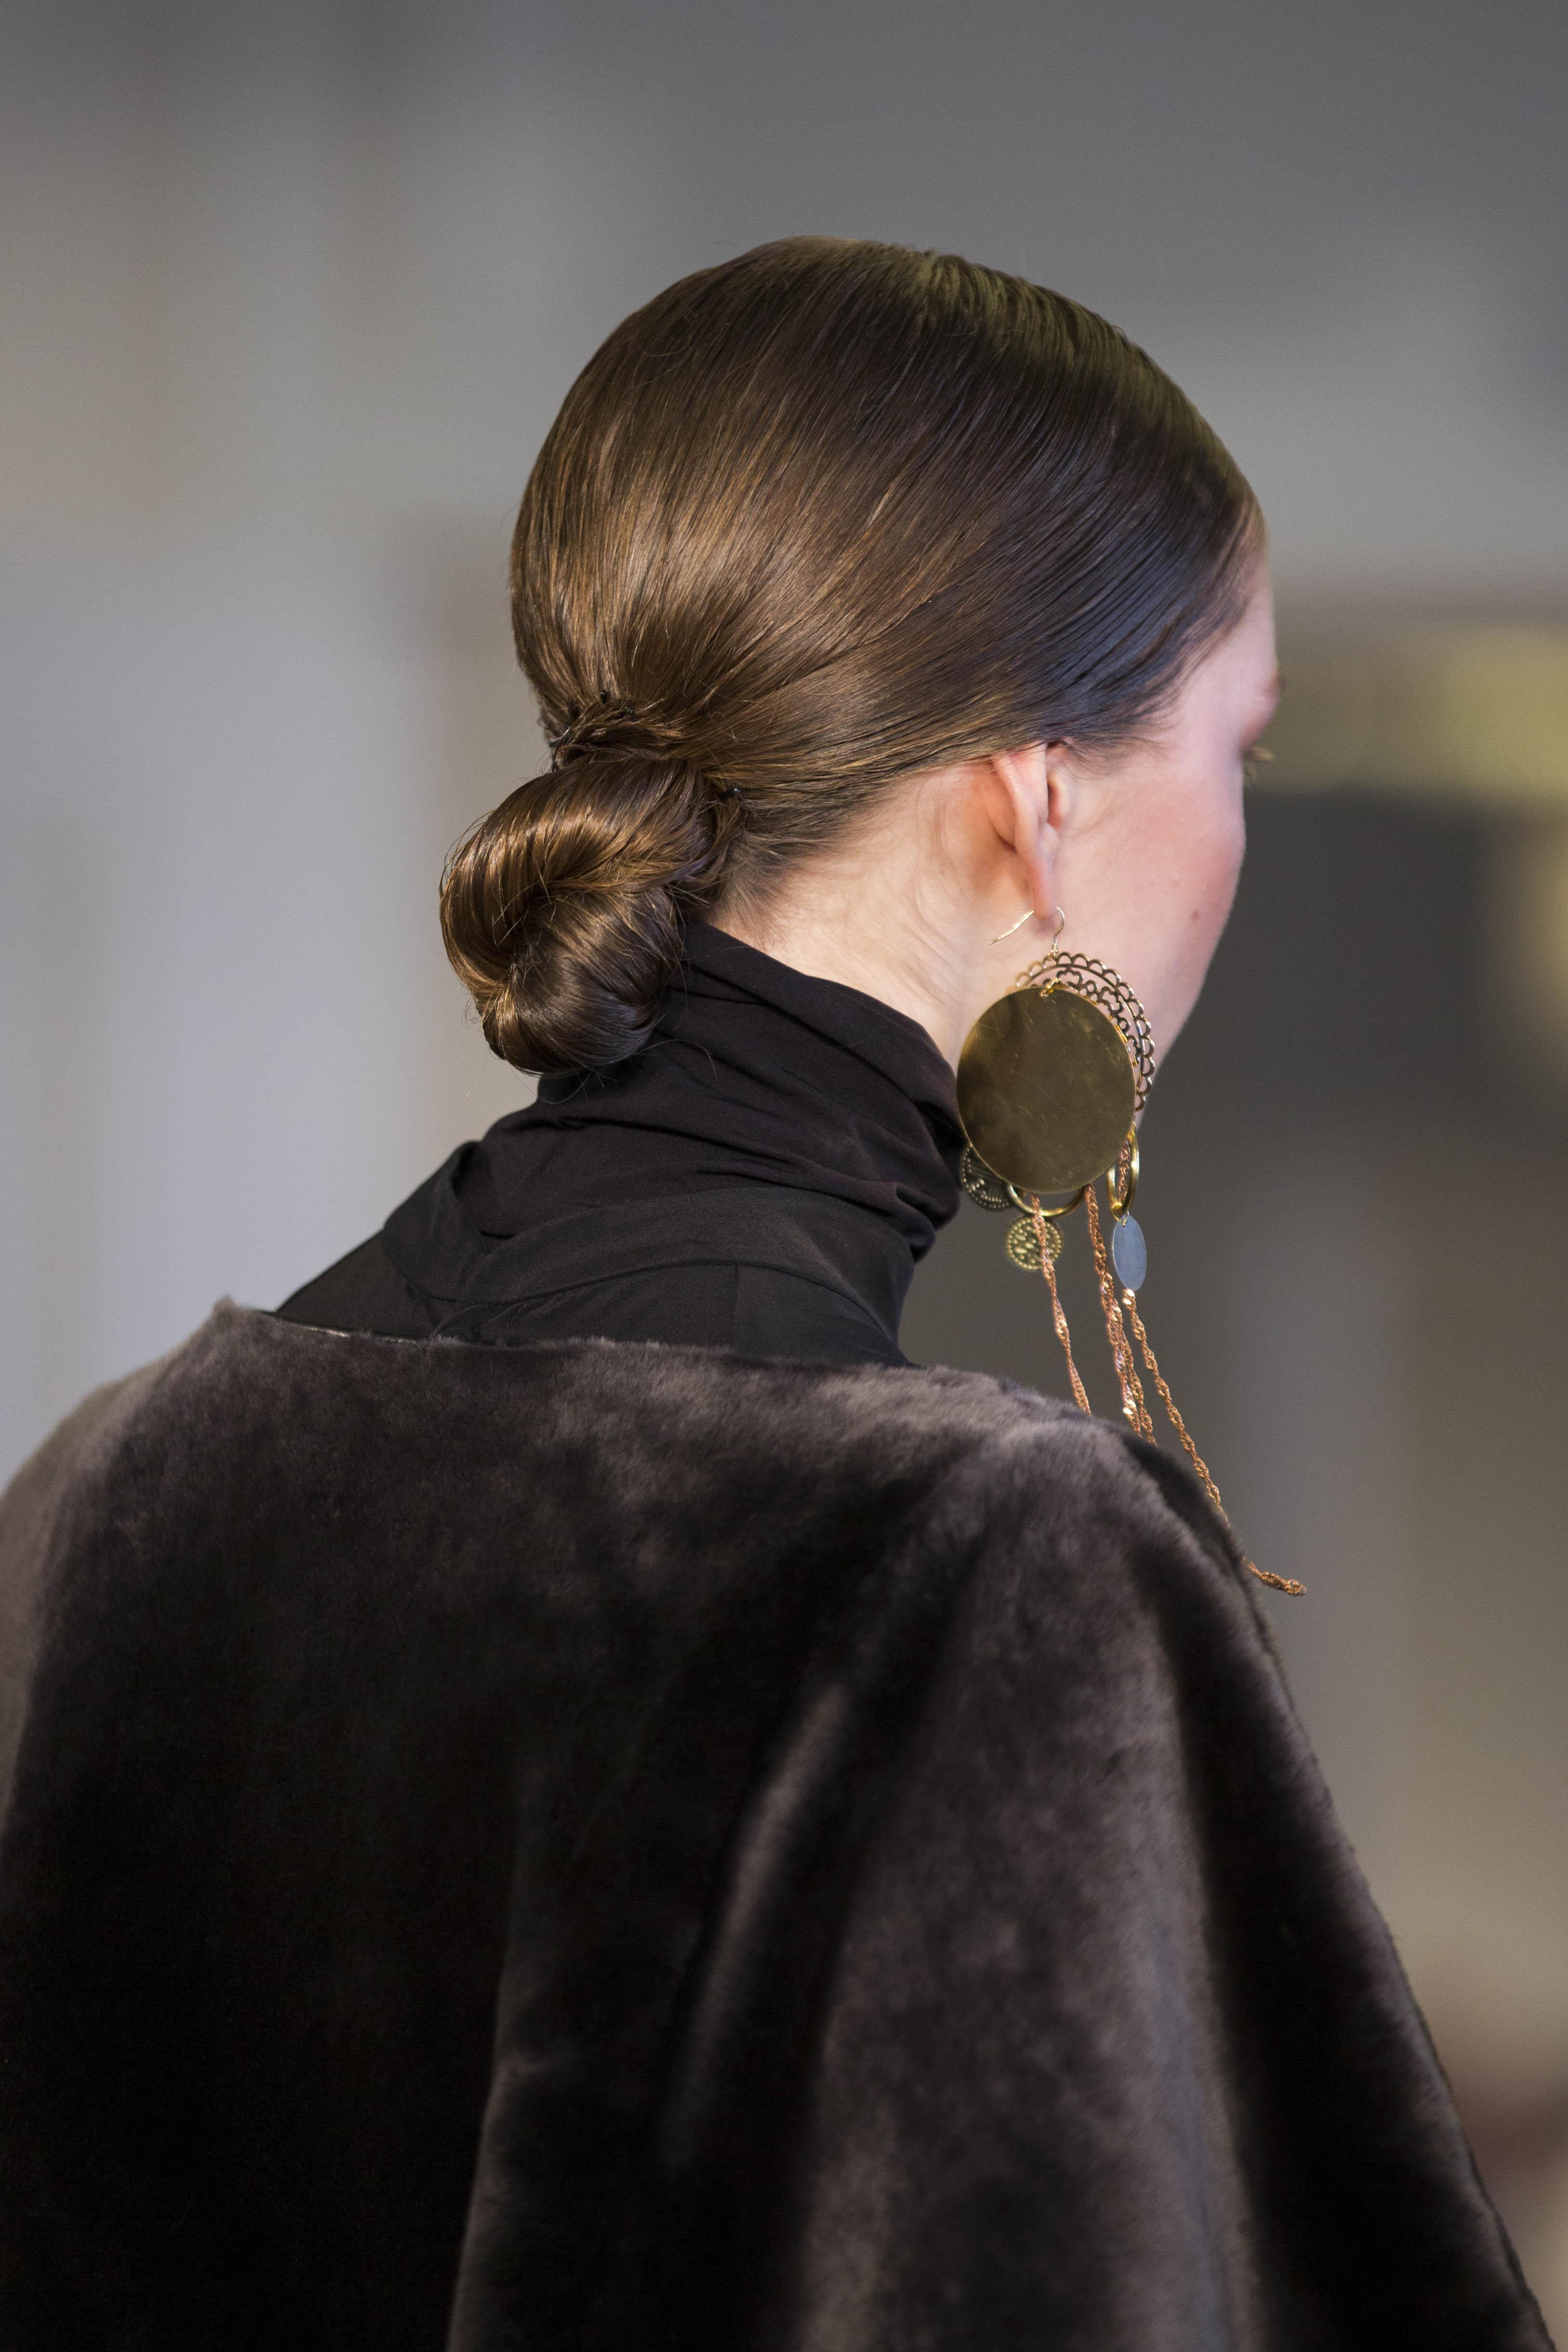 Wella Professionals als Haarpartner für Nobi Talai beim DER BERLINER MODE SALON auf der Berlin Fashion Week am 19.1.2016. Foto: Gero Breloer für WELLA